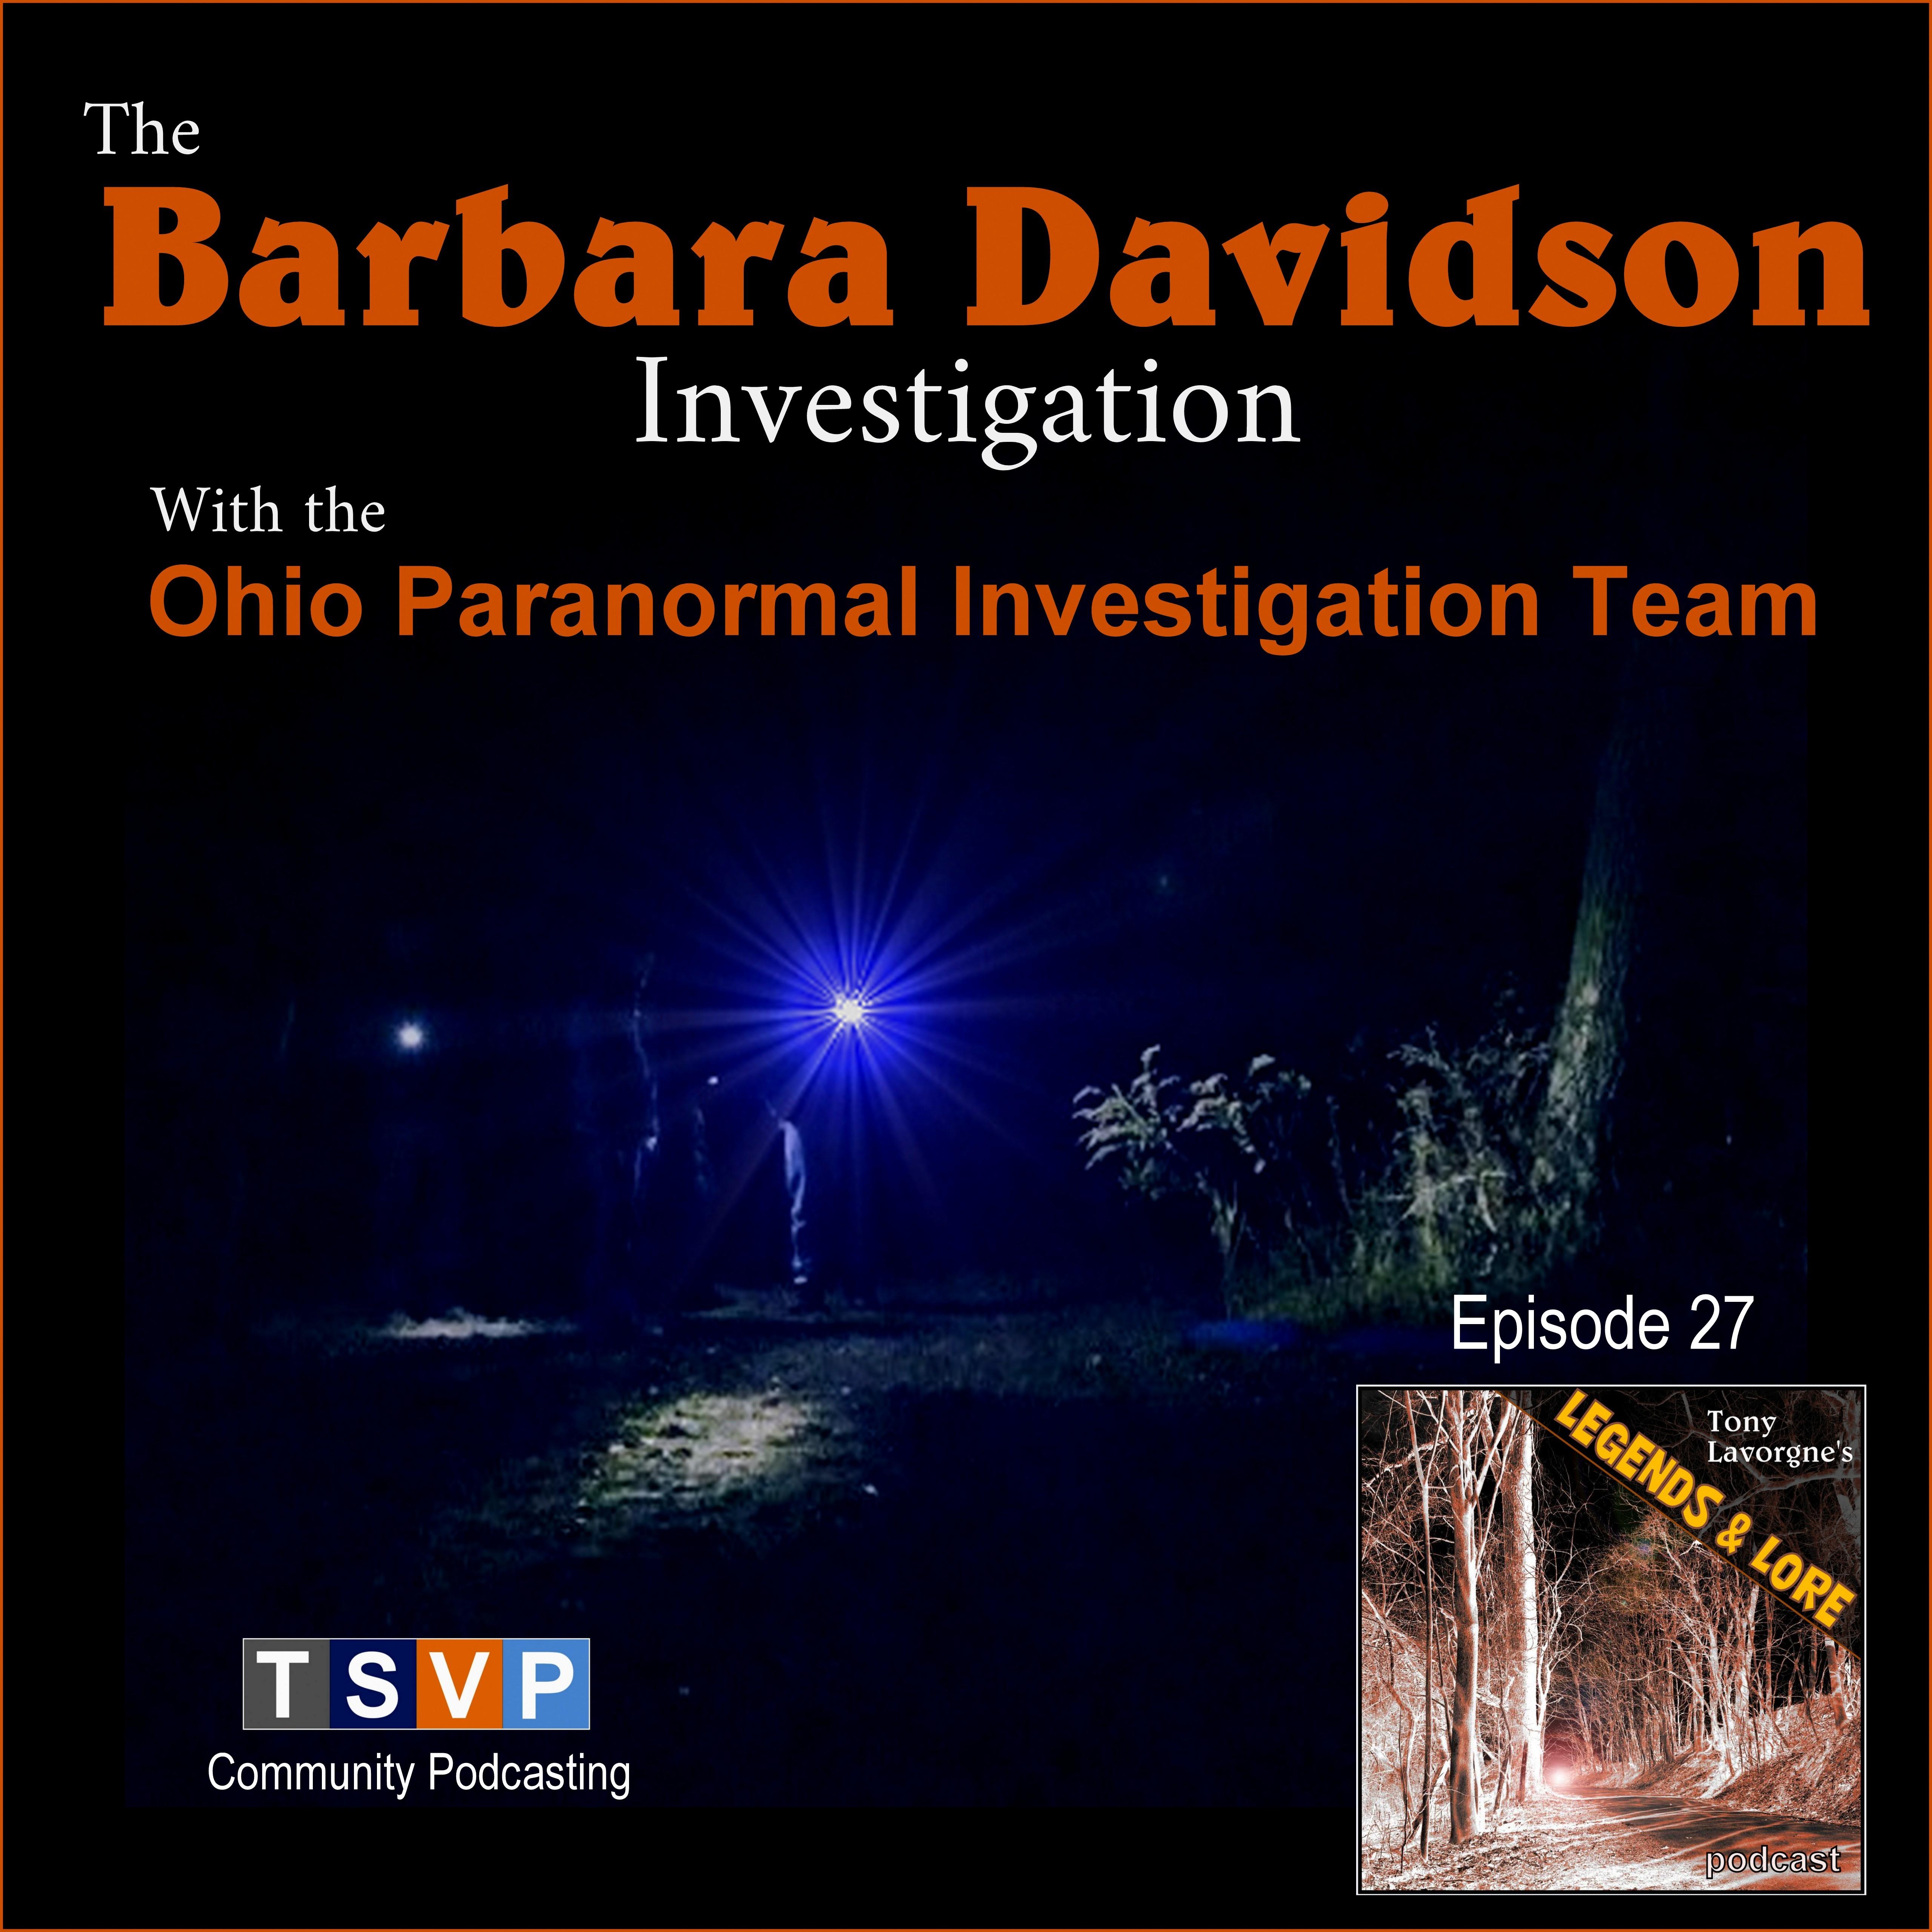 Tony Lavorgne's Legends & Lore Podcast (Ep27): The Barbara Davidson Investigation